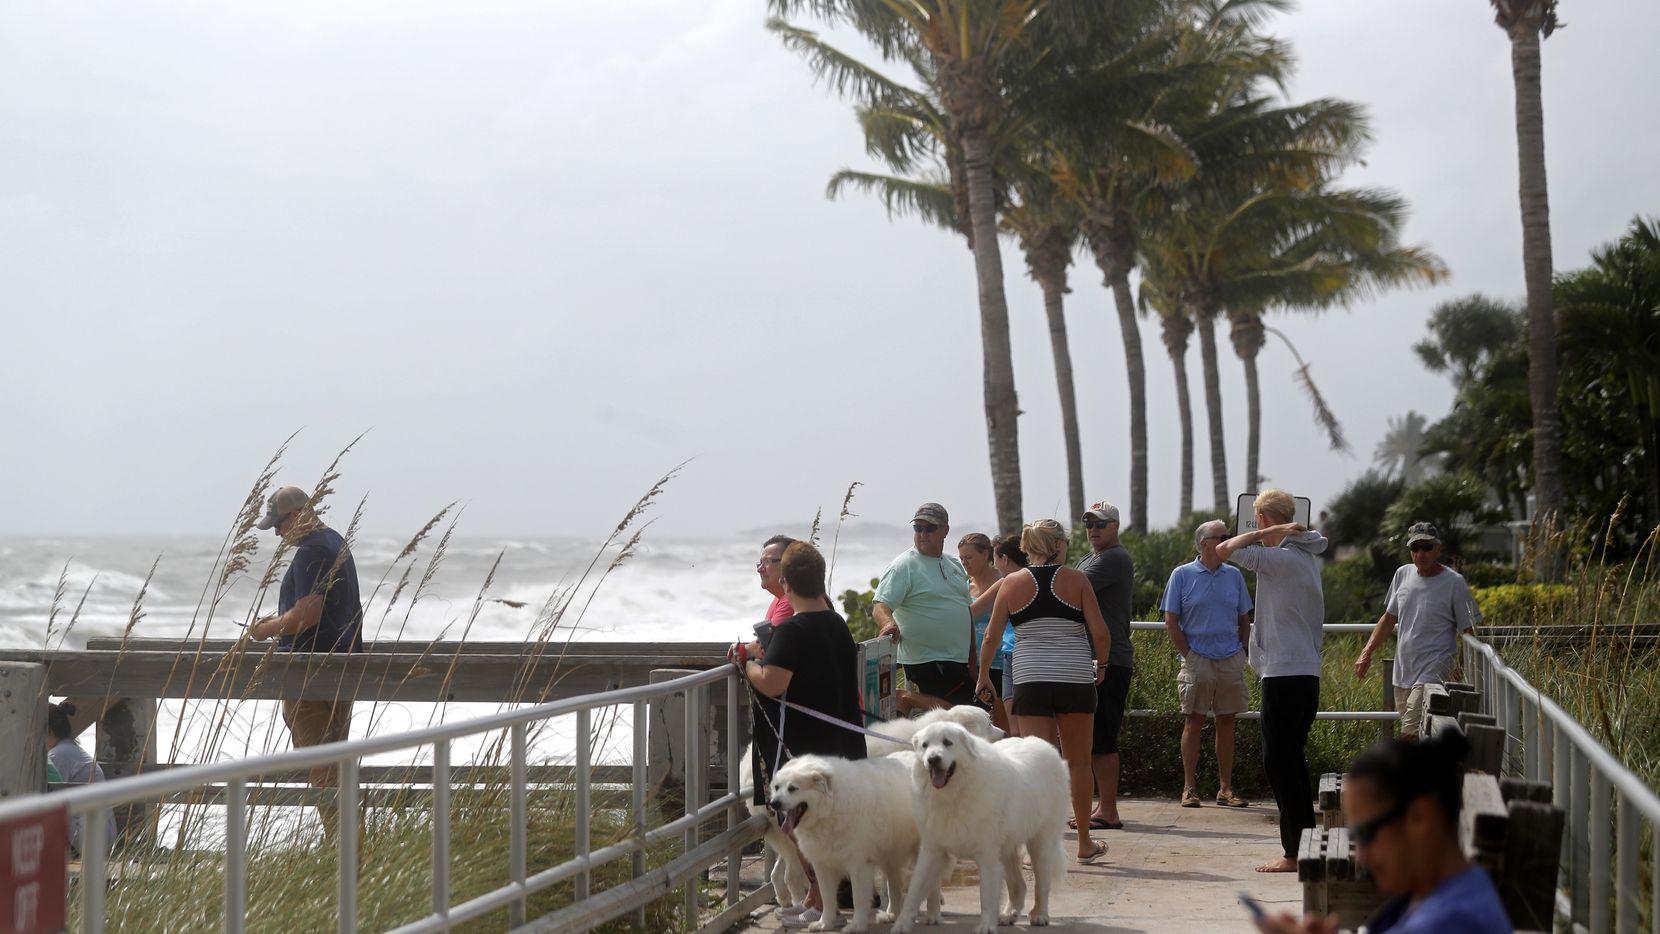 Personas empiezan a sentir los fuertes vientos provocados por el huracán Dorian en el Océano Atlántico.